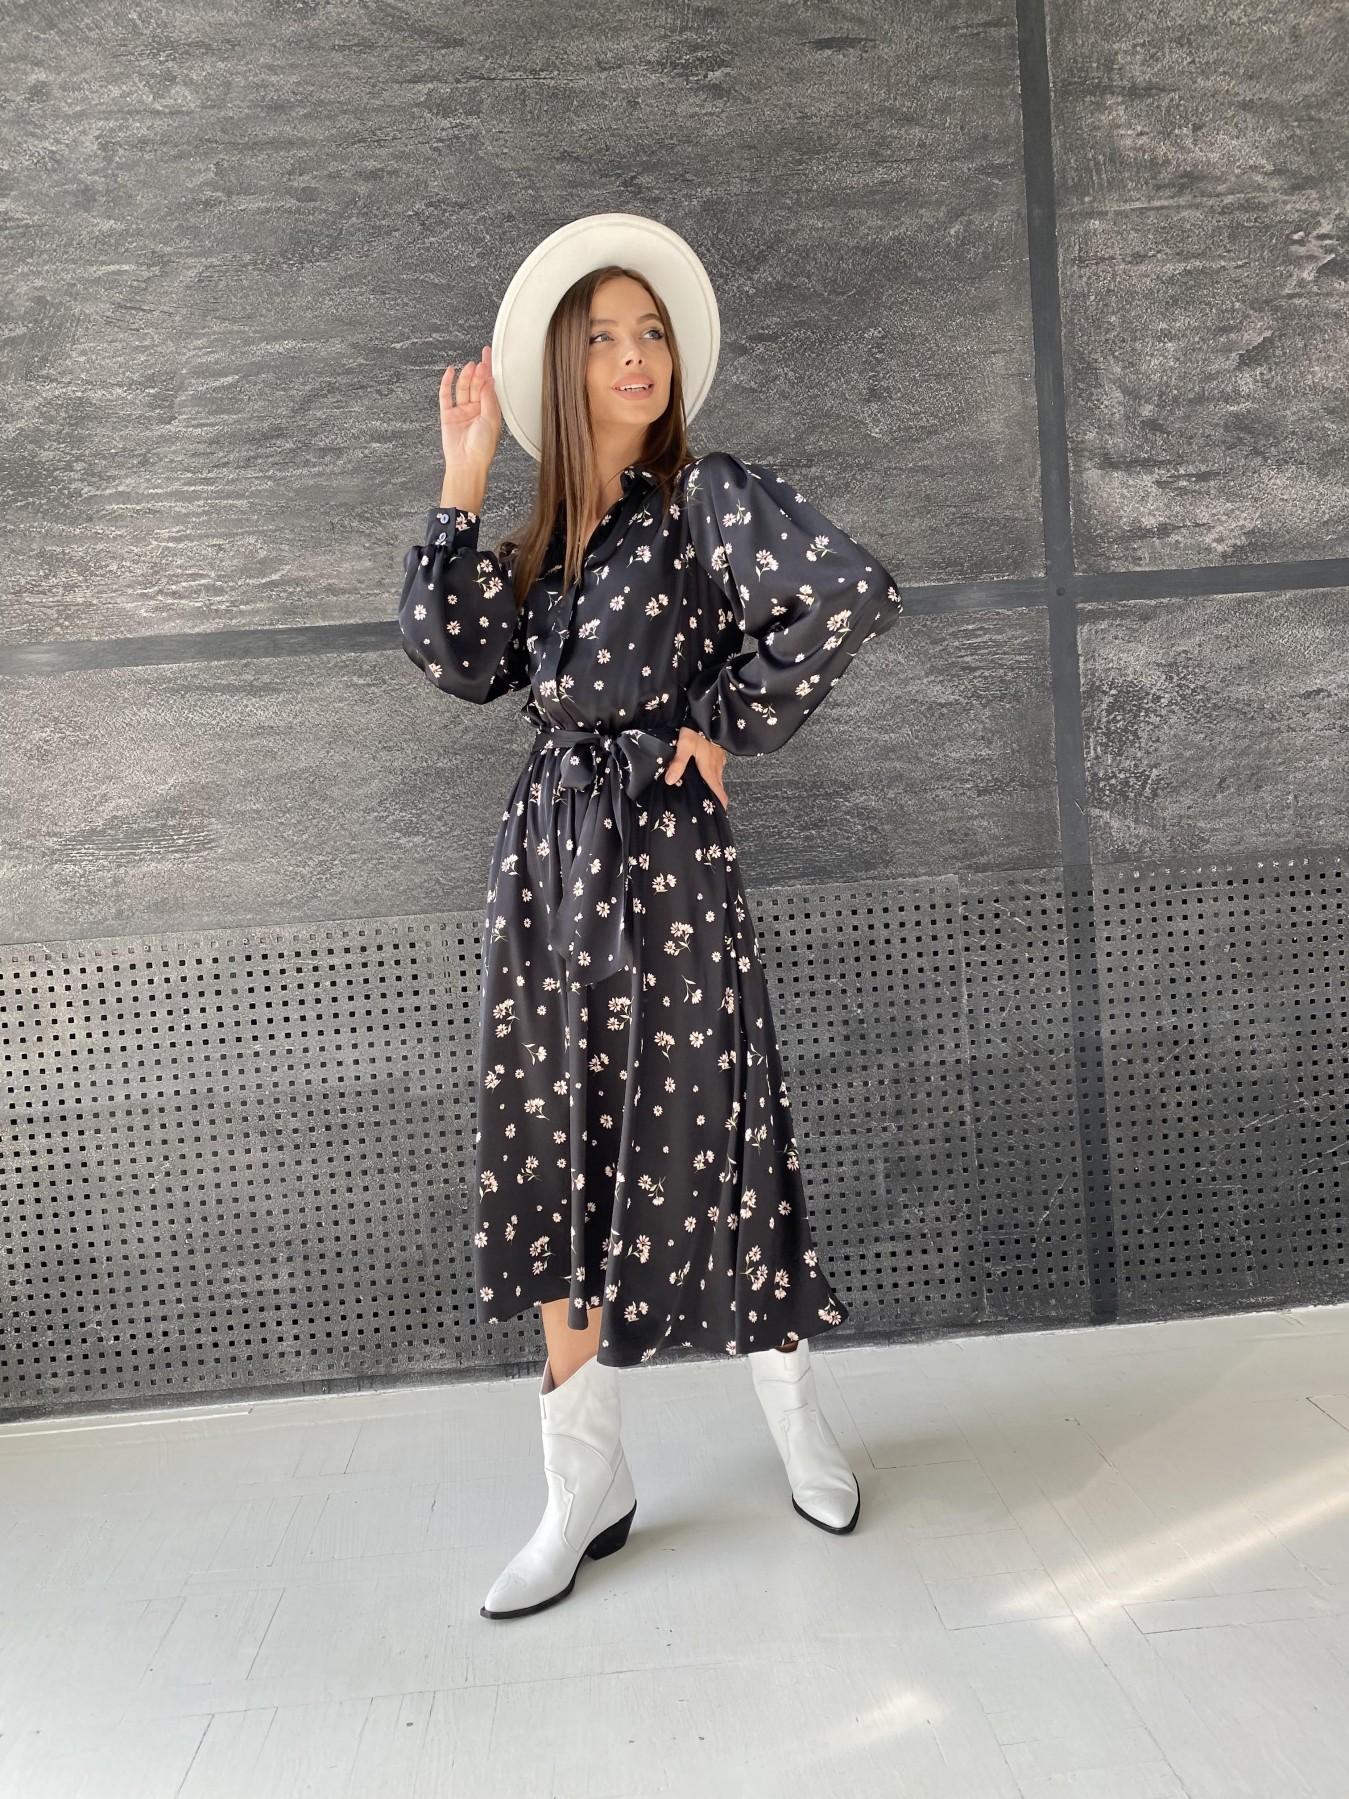 Жасмин д/р шелк принт платье 11716 АРТ. 48417 Цвет: Черный/пудра/хризантема - фото 5, интернет магазин tm-modus.ru